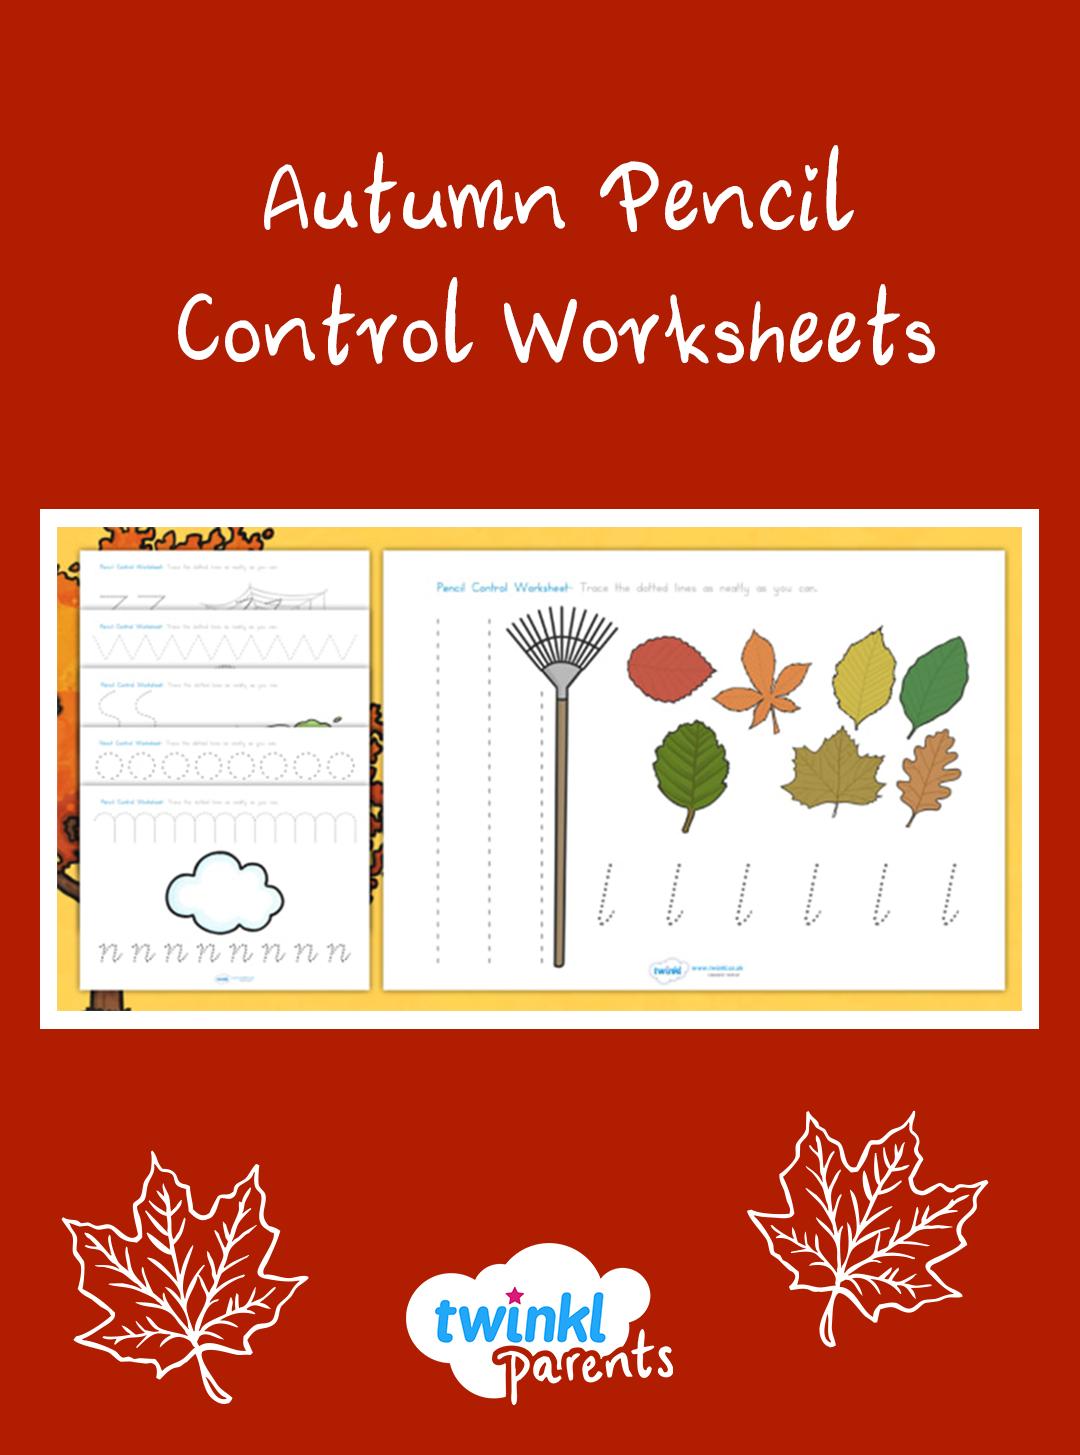 Autumn Pencil Control Worksheets